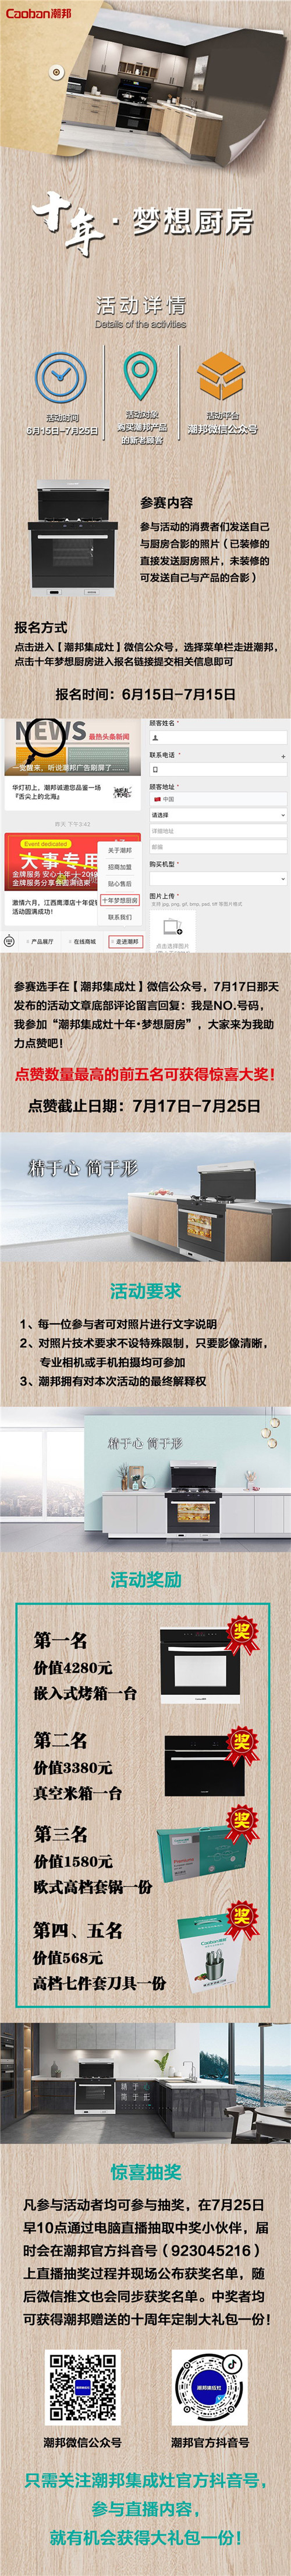 潮邦:你有1台嵌入式电烤箱未领取 再不快点就是别人的了